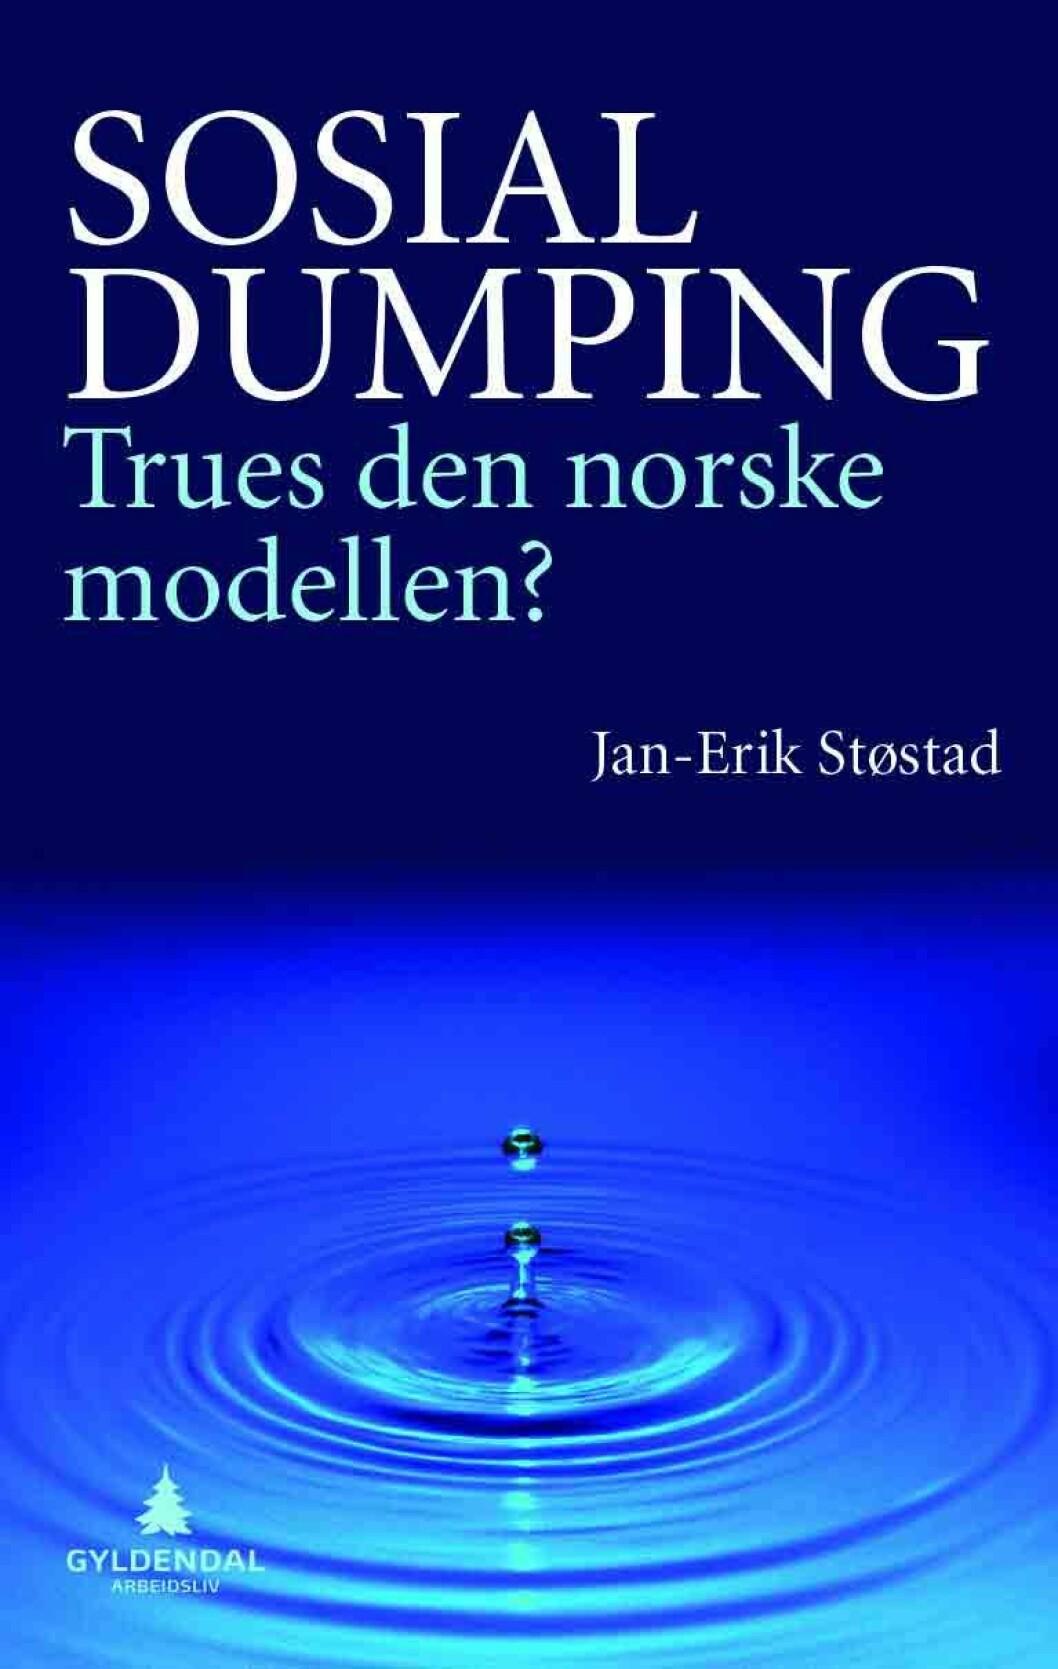 Sosial-dumping